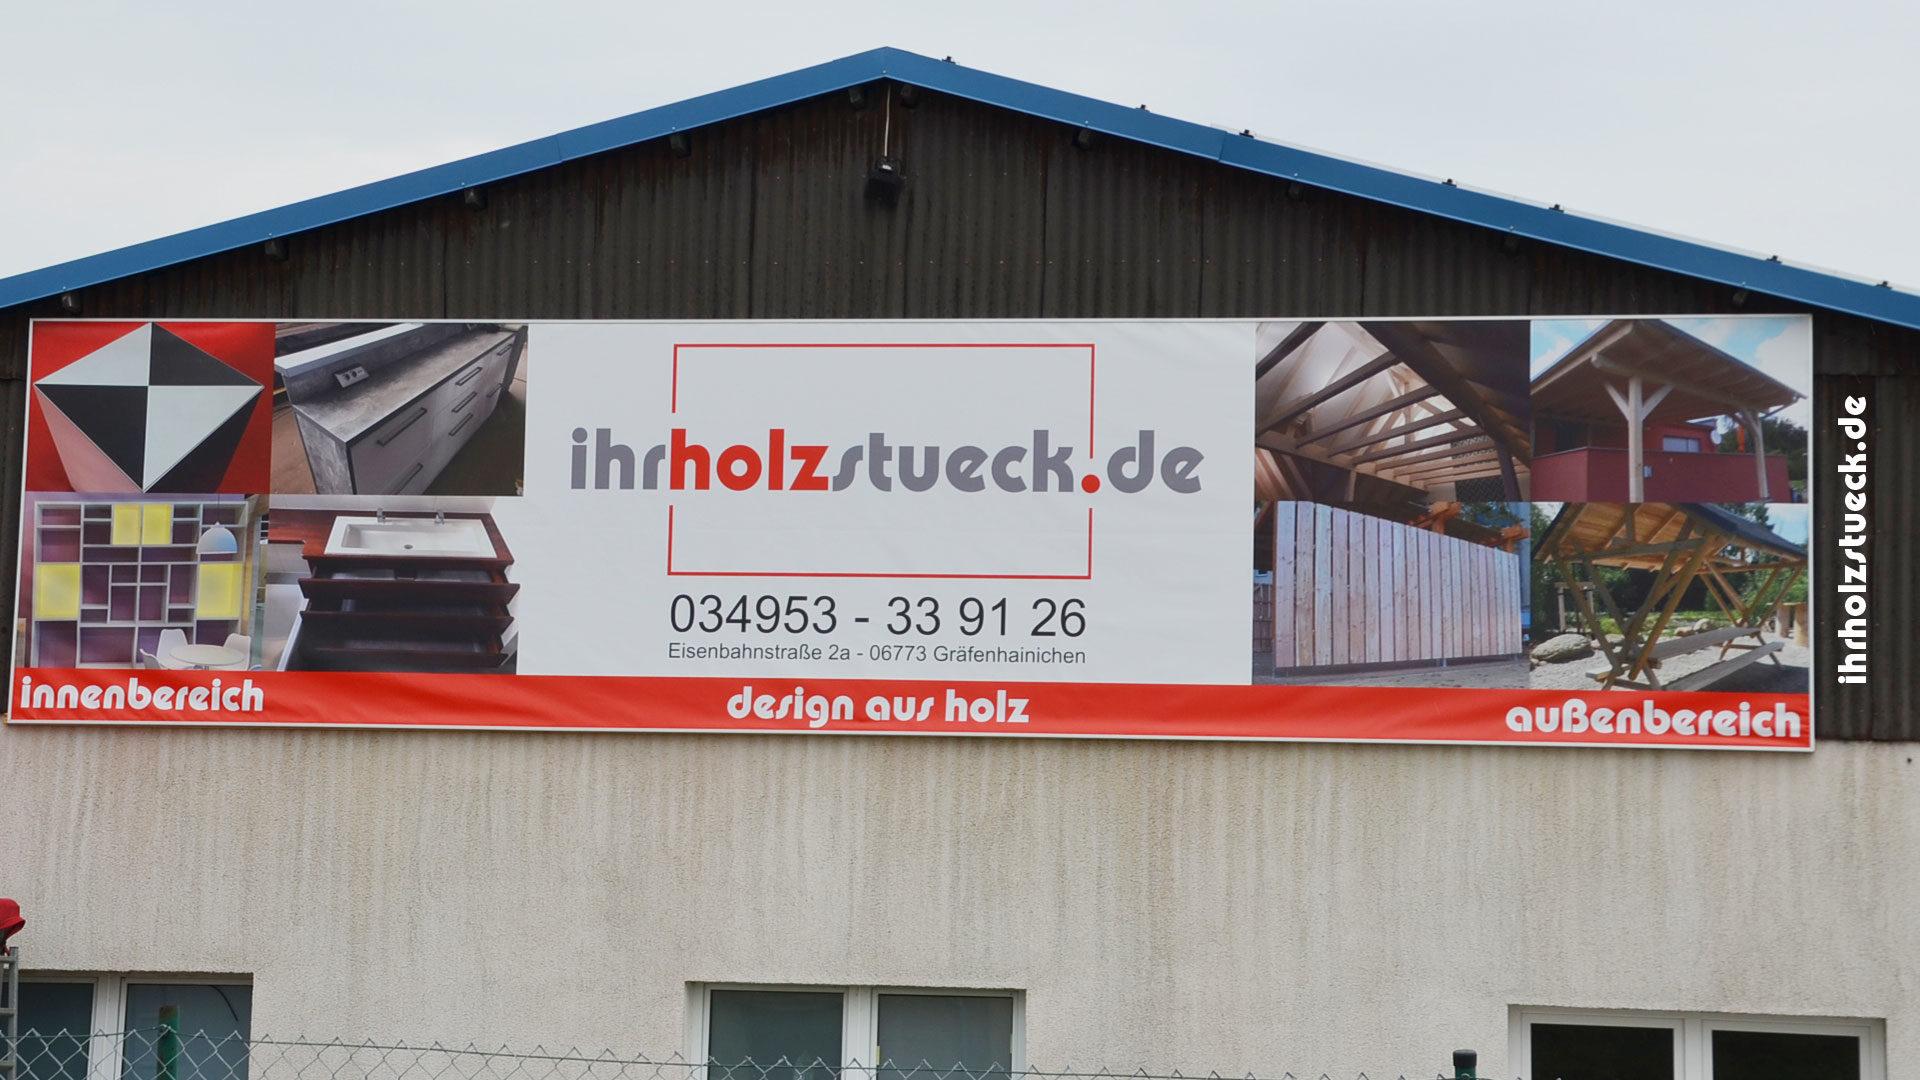 Werbebanner von ihrholzstueck.de an der B100 gut sichtbar angebracht